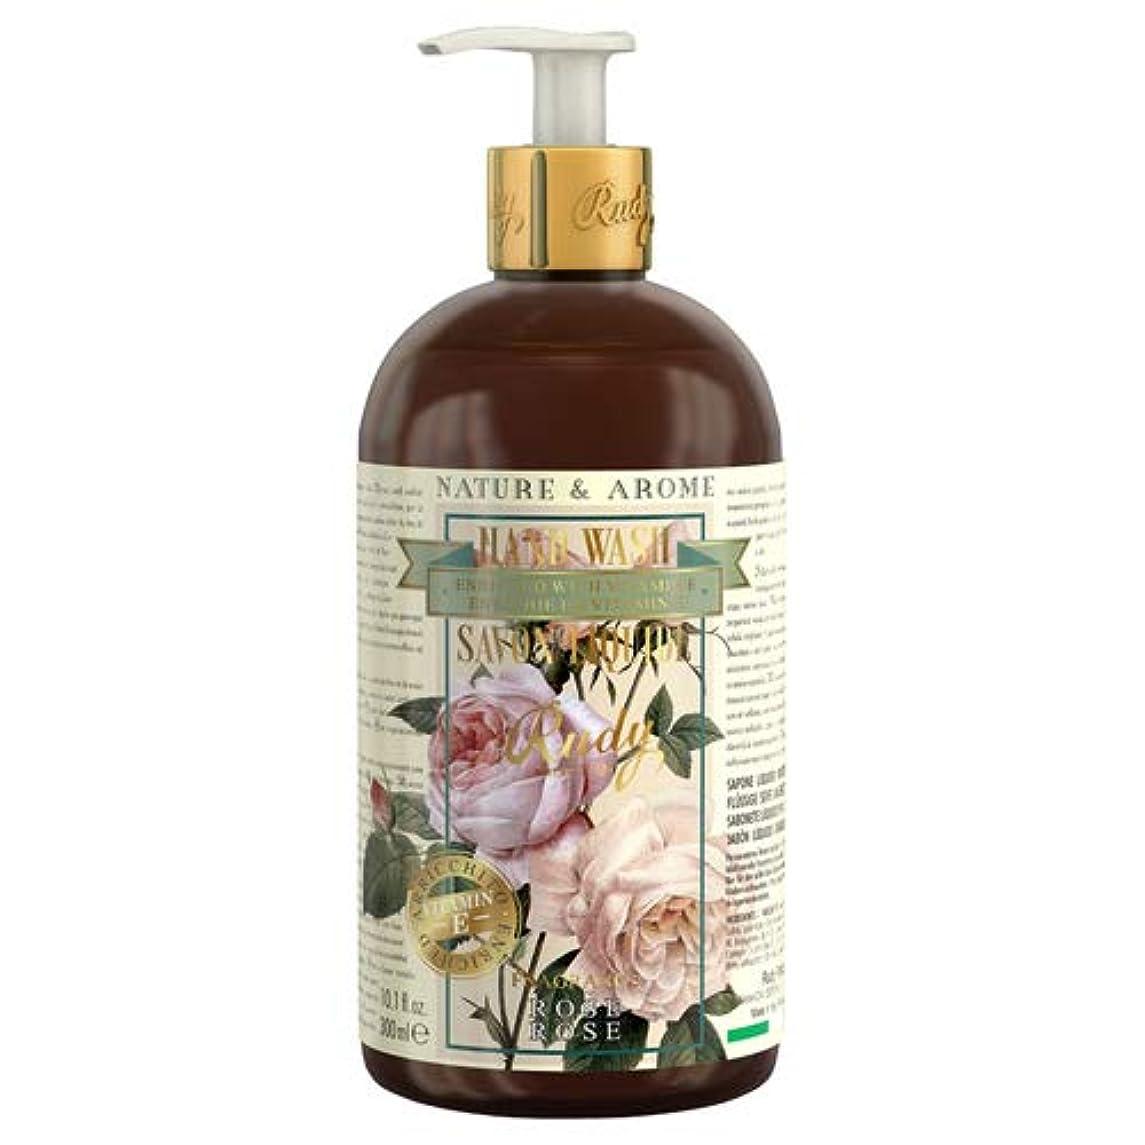 帰する指令土曜日RUDY Nature&Arome Apothecary ネイチャーアロマ アポセカリー Hand Wash ハンドウォッシュ(ボディソープ) Rose ローズ